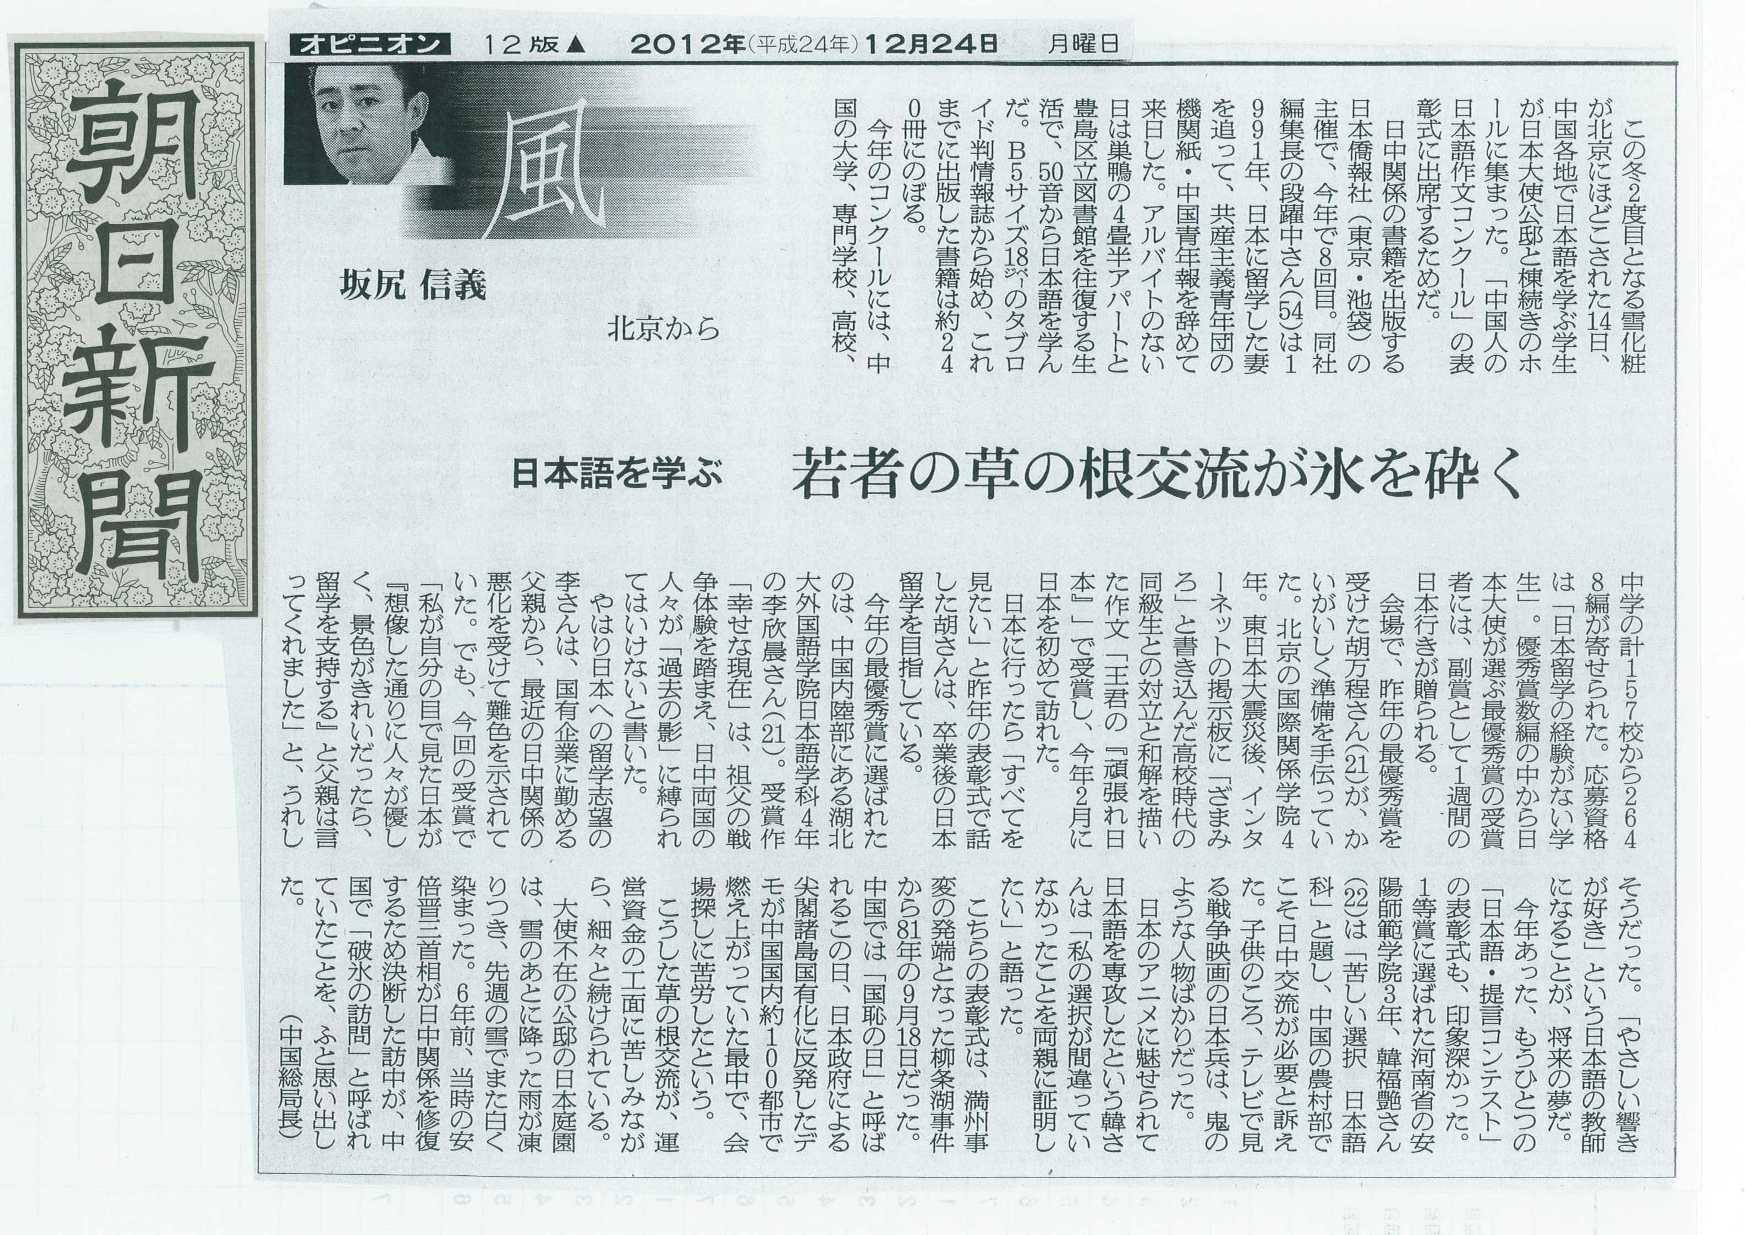 北京在住友人が昨年の朝日新聞記事を訳した。交流靠草根,青年先破冰。_d0027795_16431598.jpg